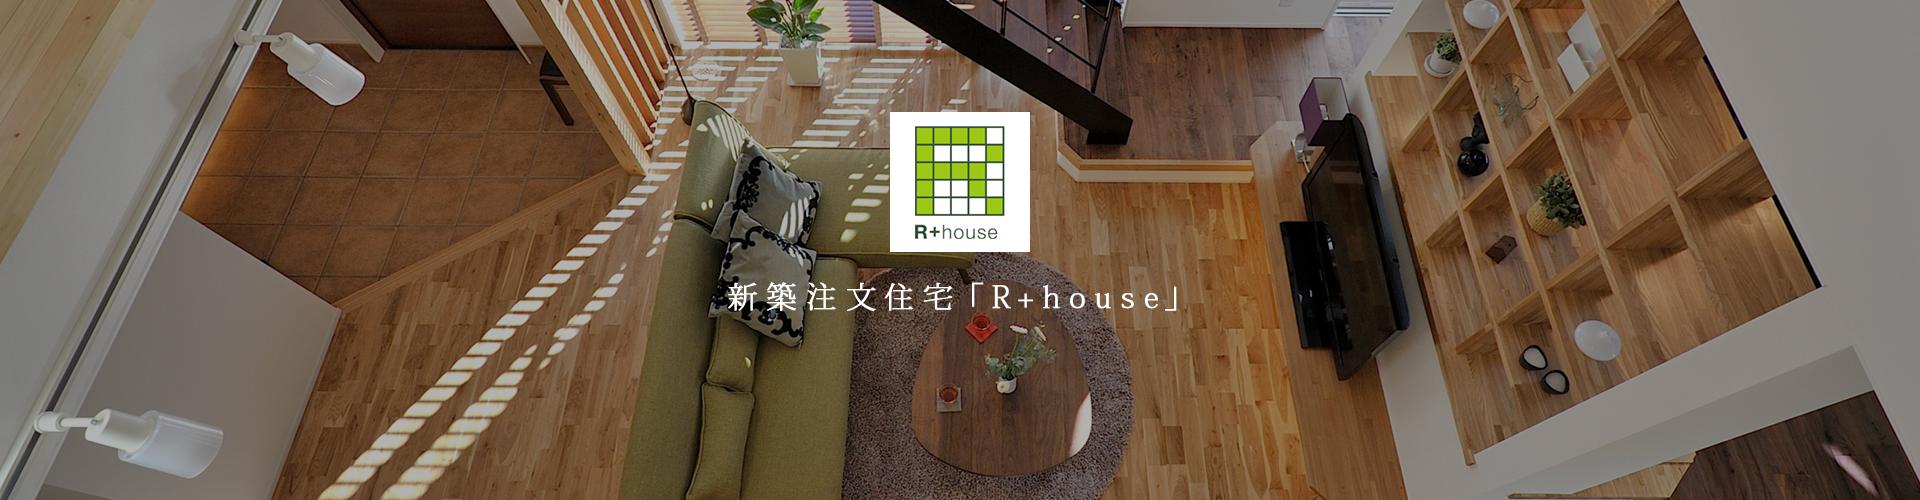 半田・常滑市で無駄のないコストで実現できるデザイン住宅を求めている方はアールプラスハウスへ!